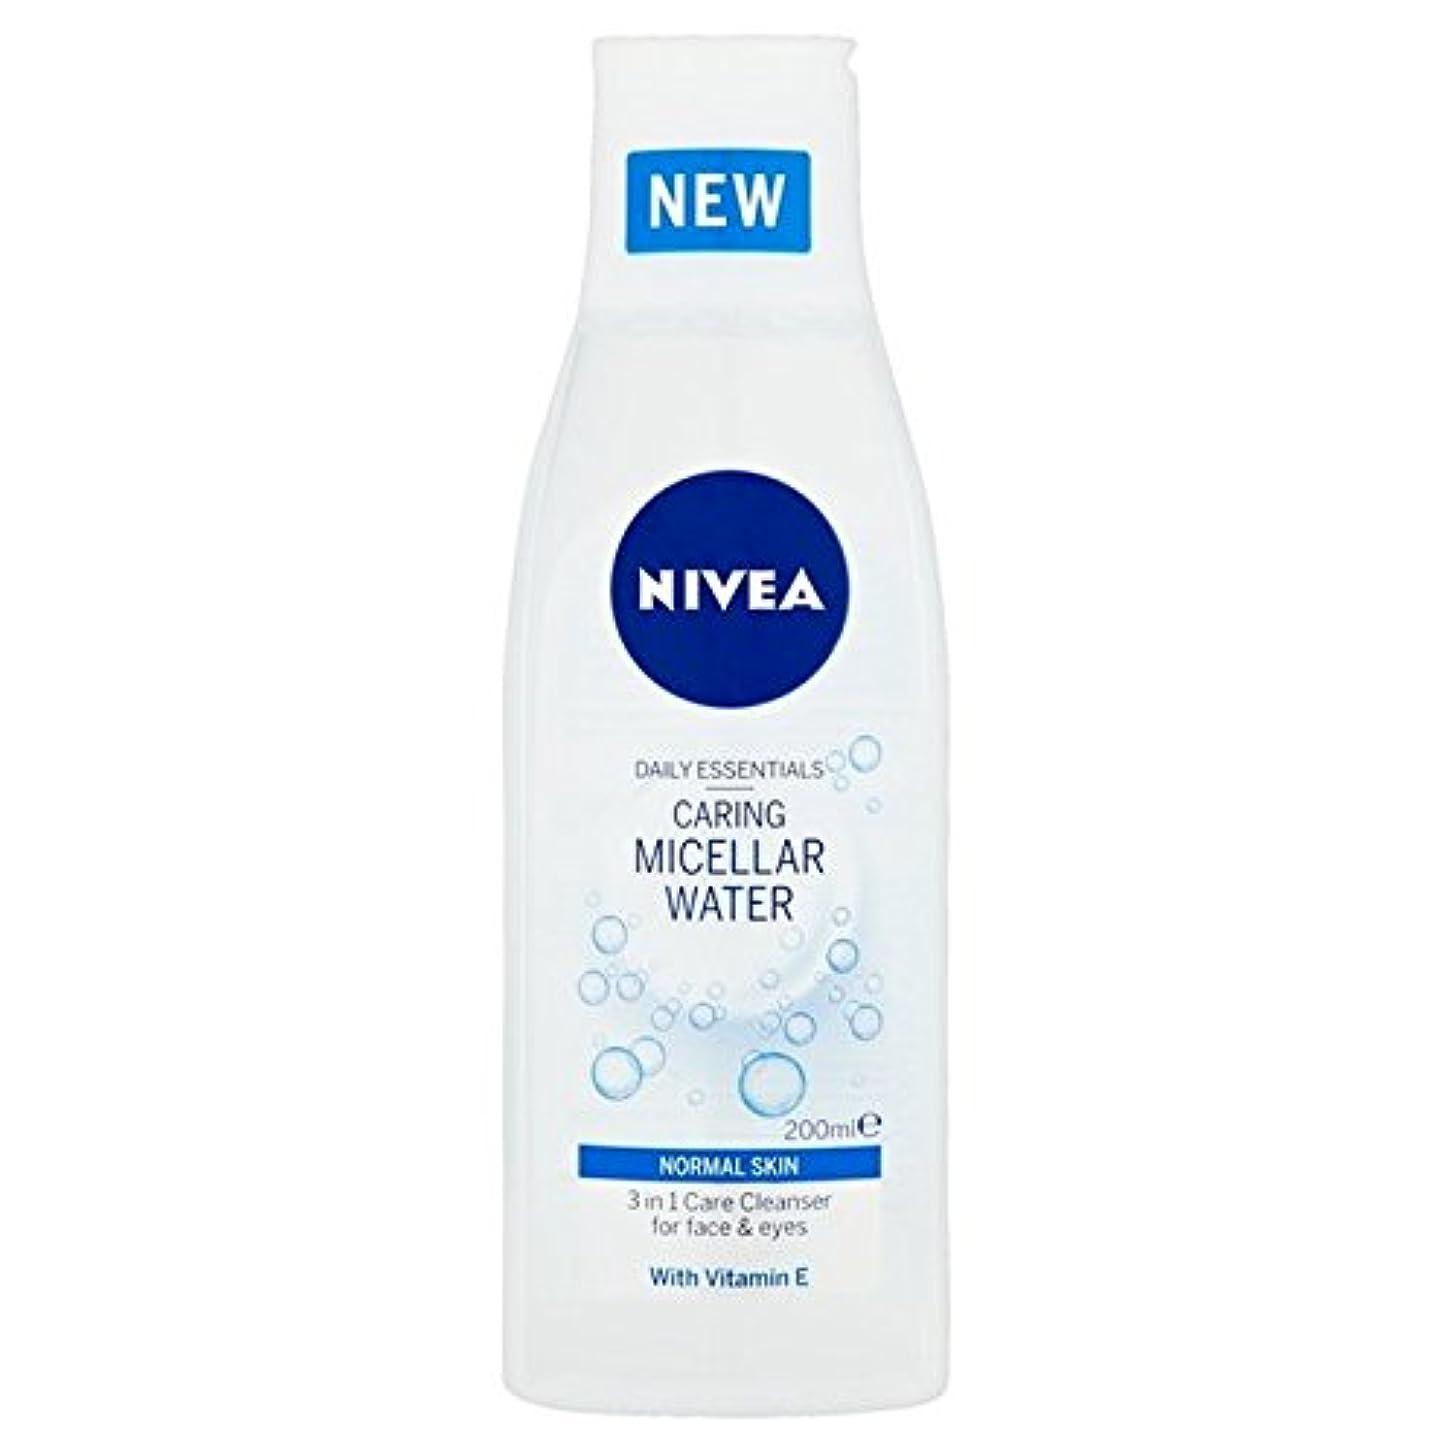 自然公園嵐が丘憂慮すべきNivea 3 in 1 Sensitive Caring Micellar Water Normal Skin 200ml - 1つの敏感な思いやりのあるミセル水の正常な皮膚の200ミリリットルでニベア3 [並行輸入品]